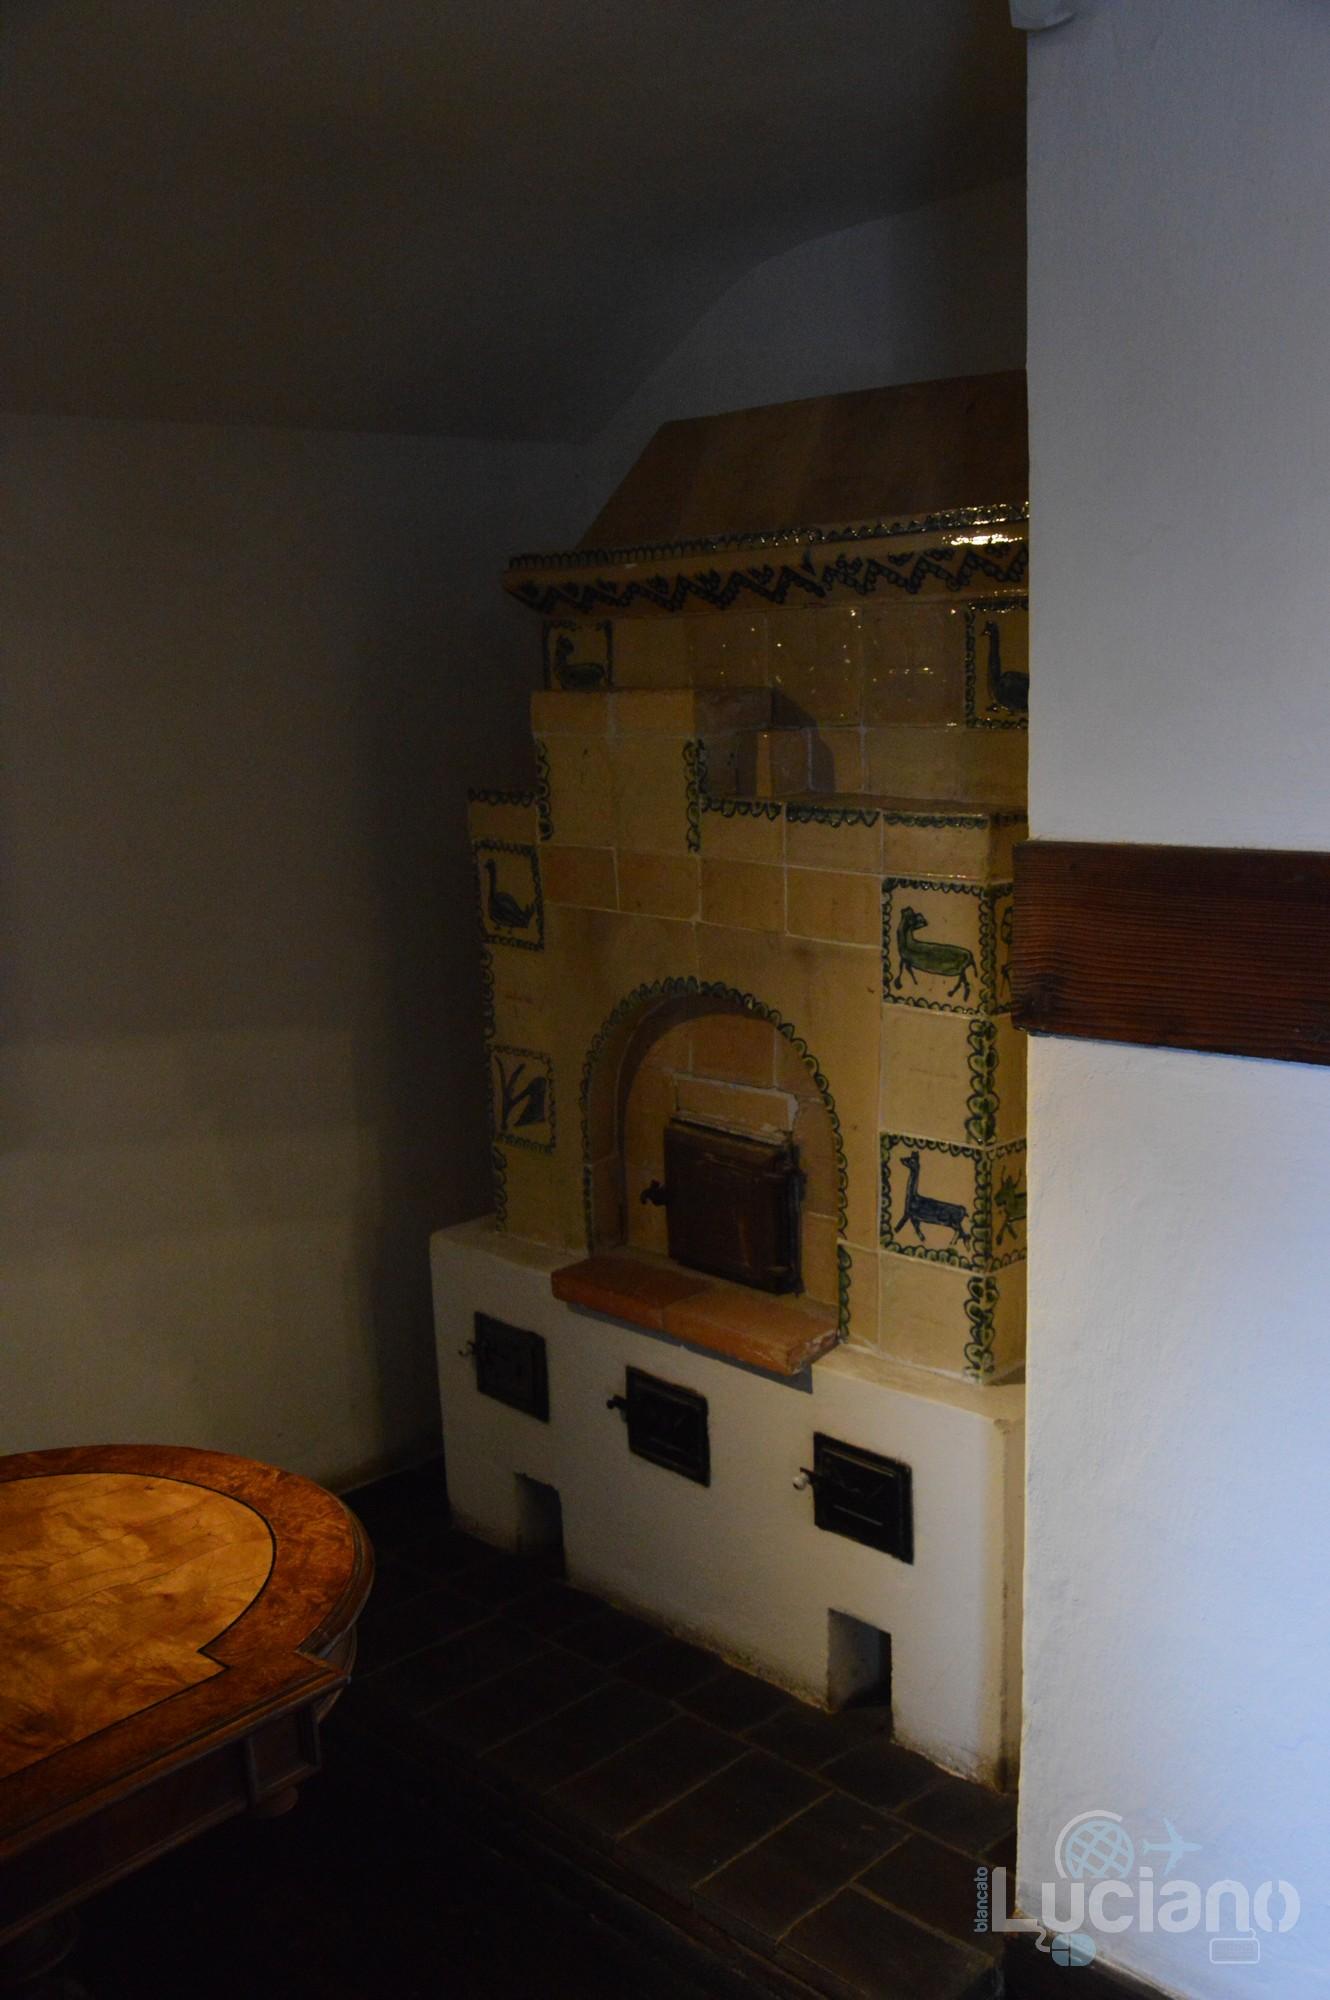 castello-di-dracula-castello-di-bran-luciano-blancato (75)